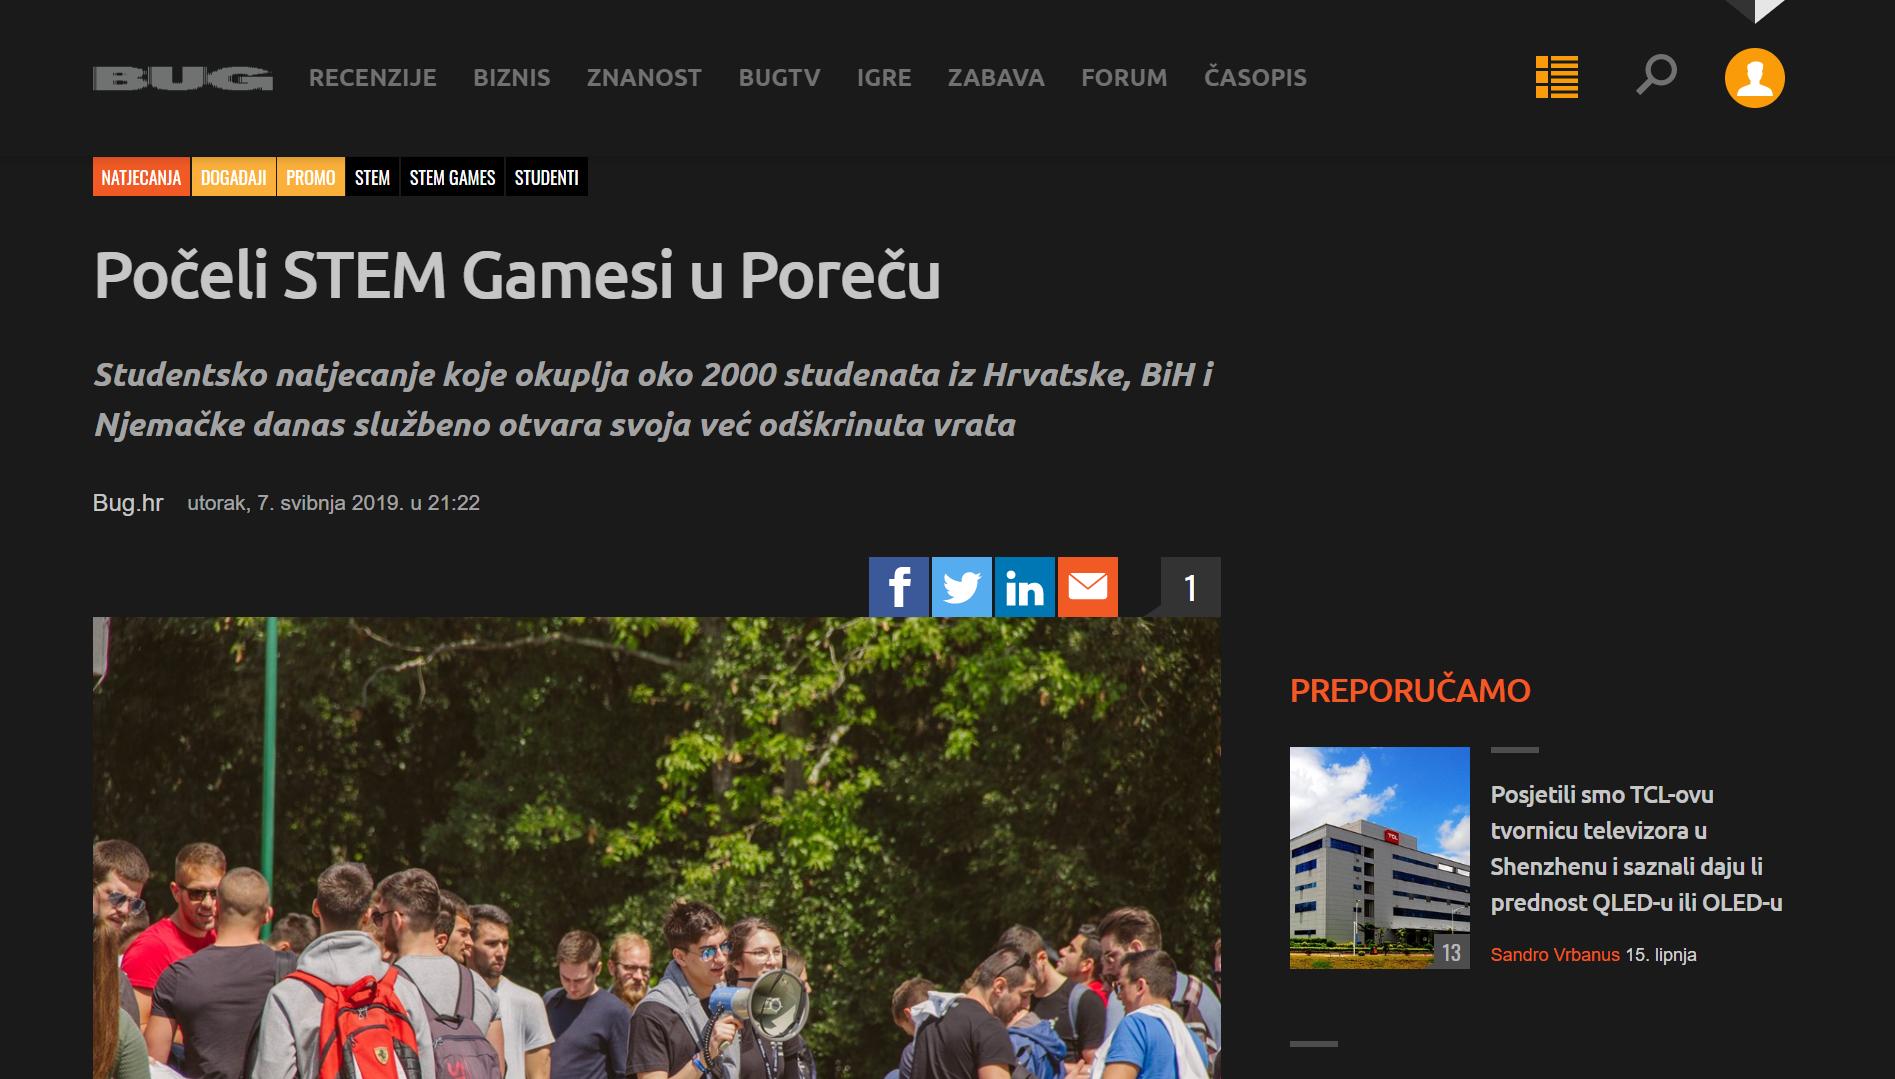 20190620 – STEM Games – Bug druga objava